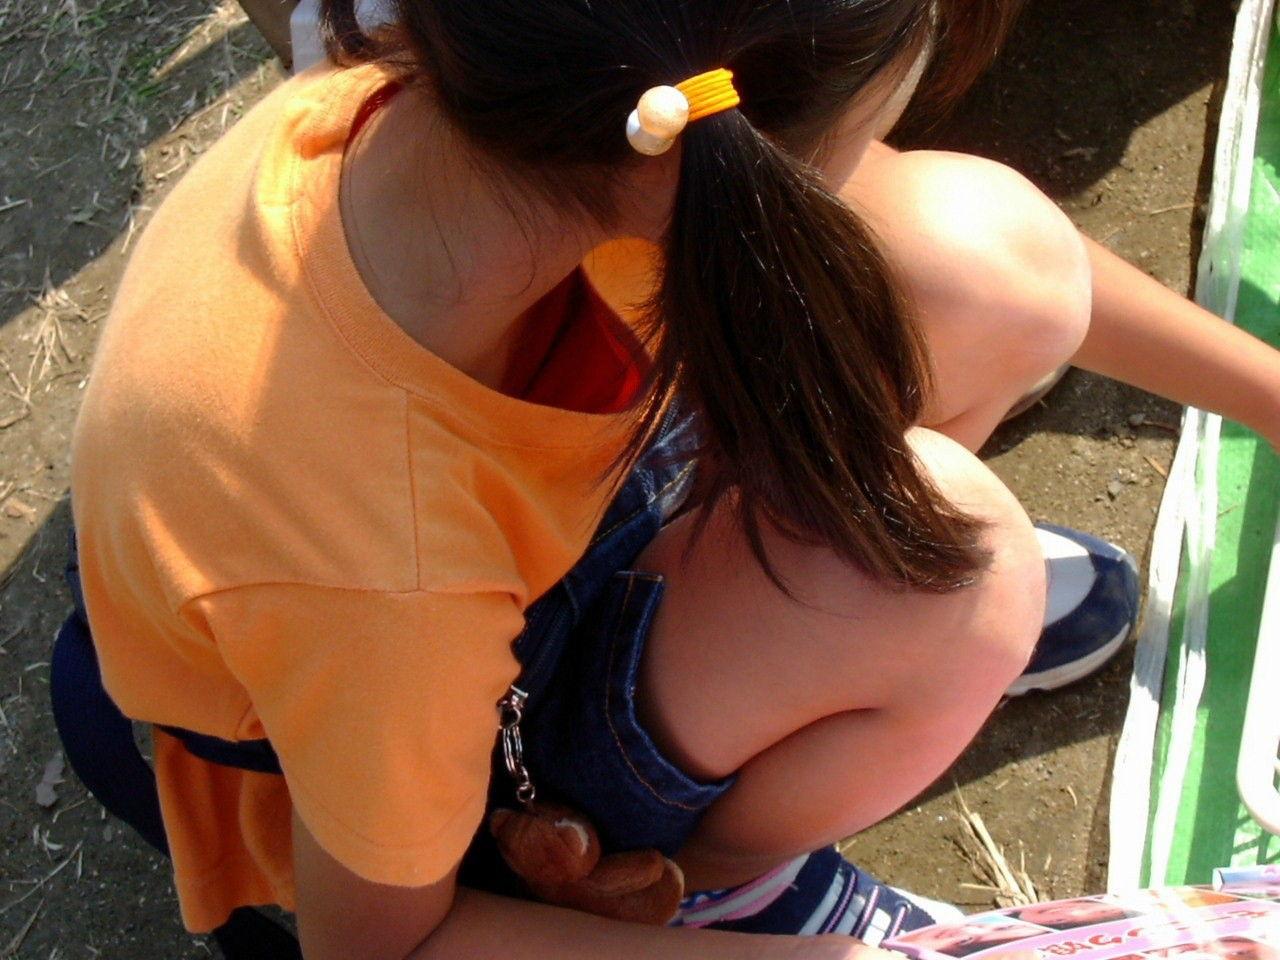 JSのふくらみかけのおっぱい3 女子○学生、胸チラ膨らみかけのおっぱいpt5